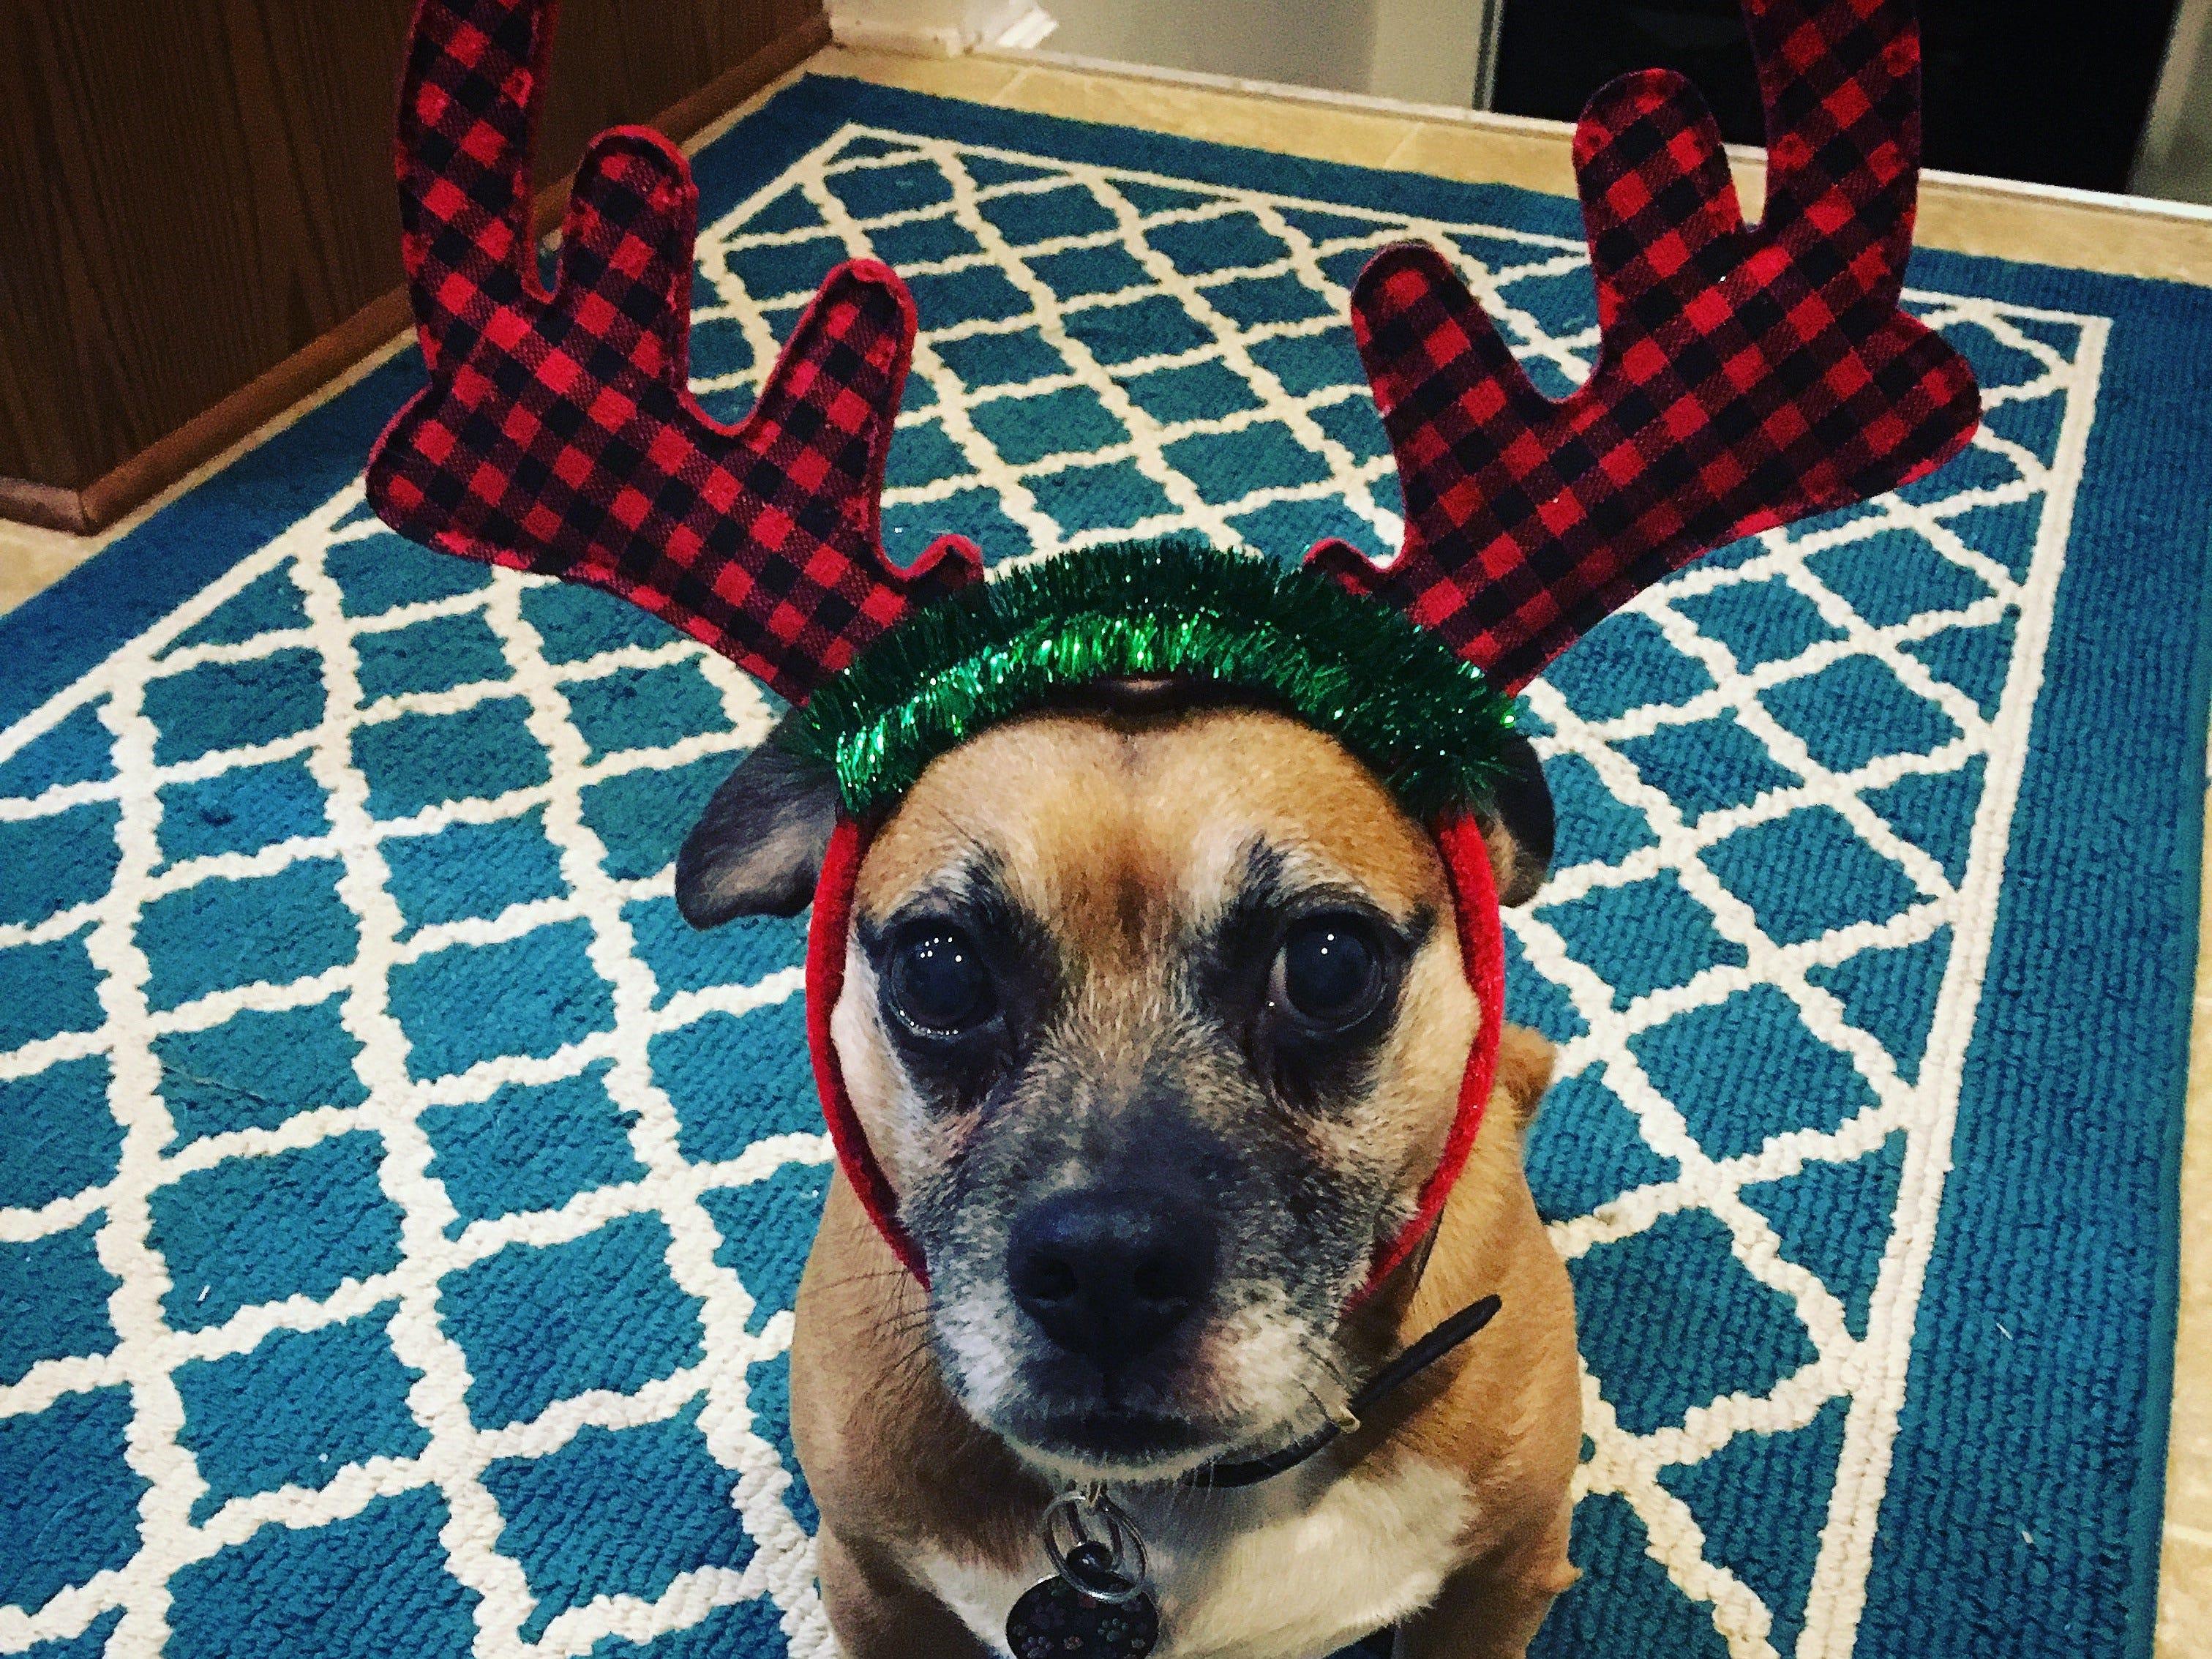 George the reindeer